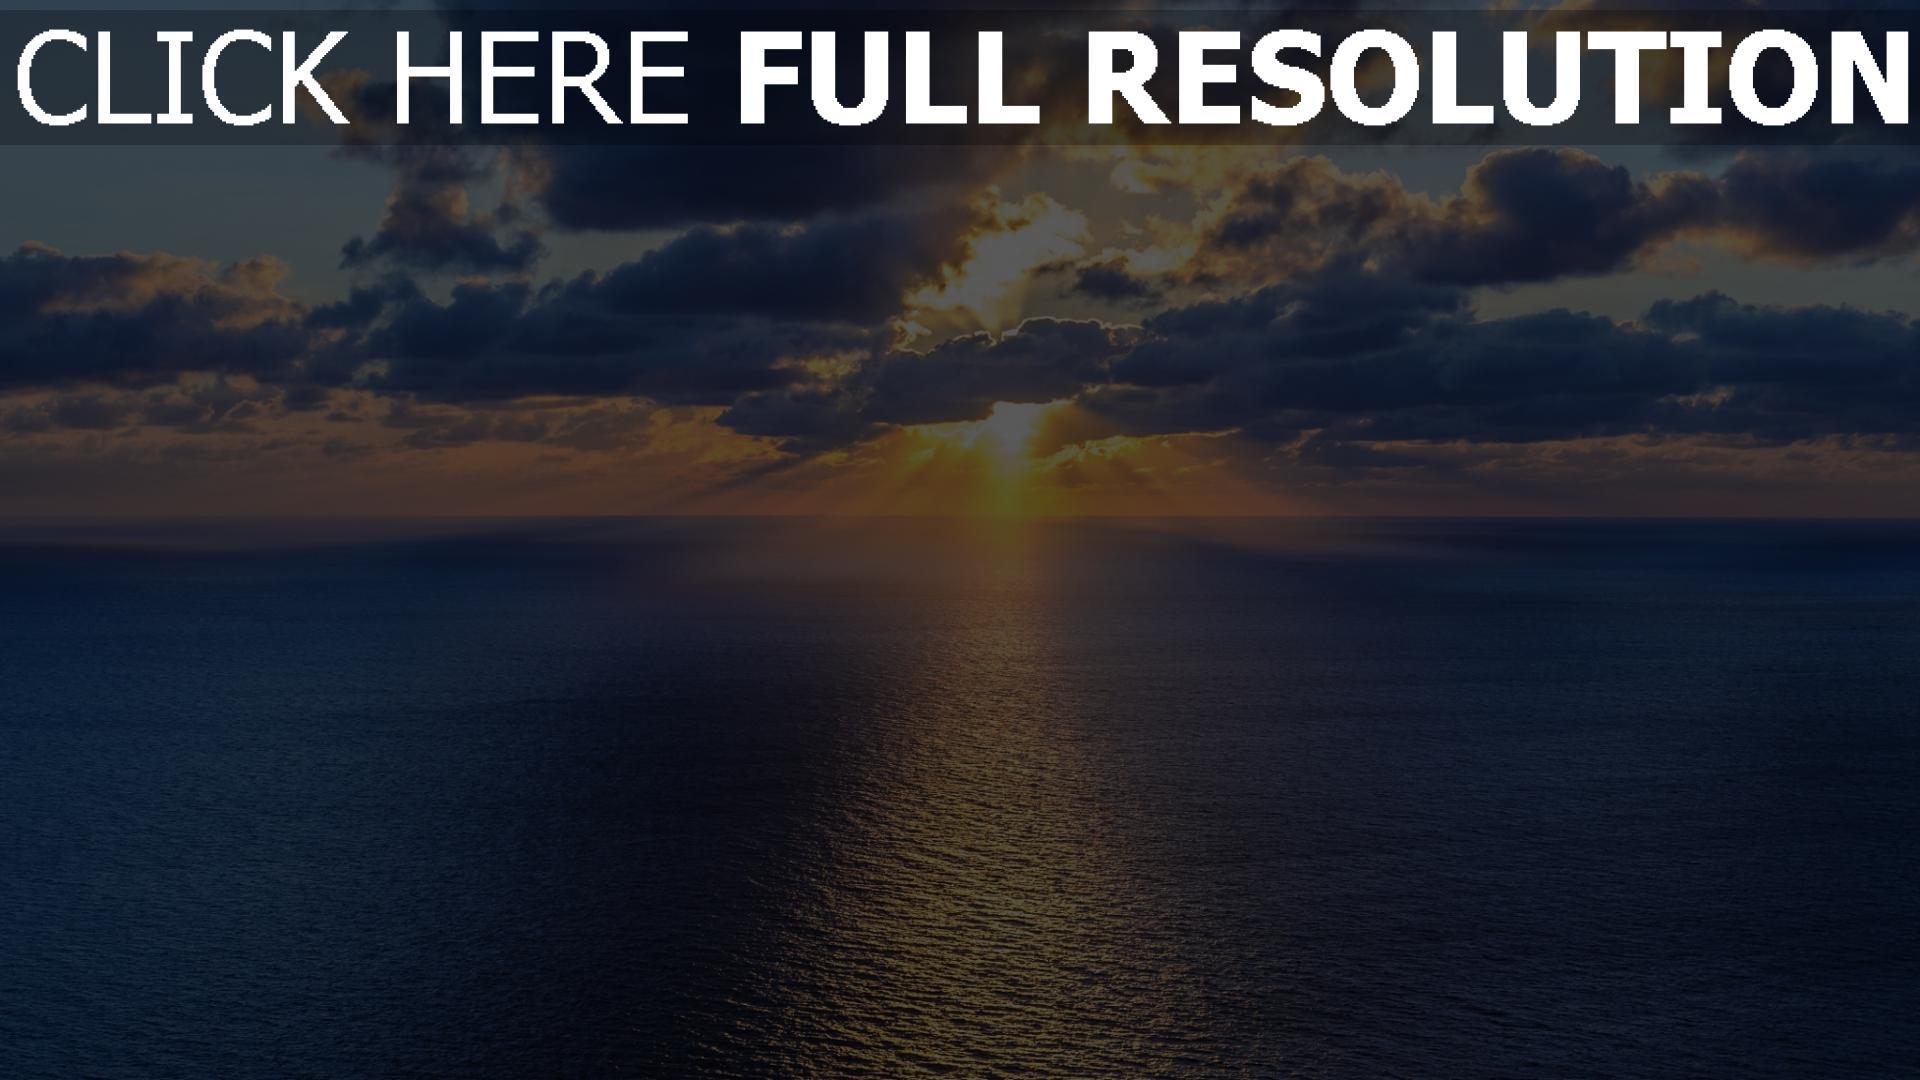 hd hintergrundbilder sonnenuntergang sonne horizont strahlen meer wolken 1920x1080